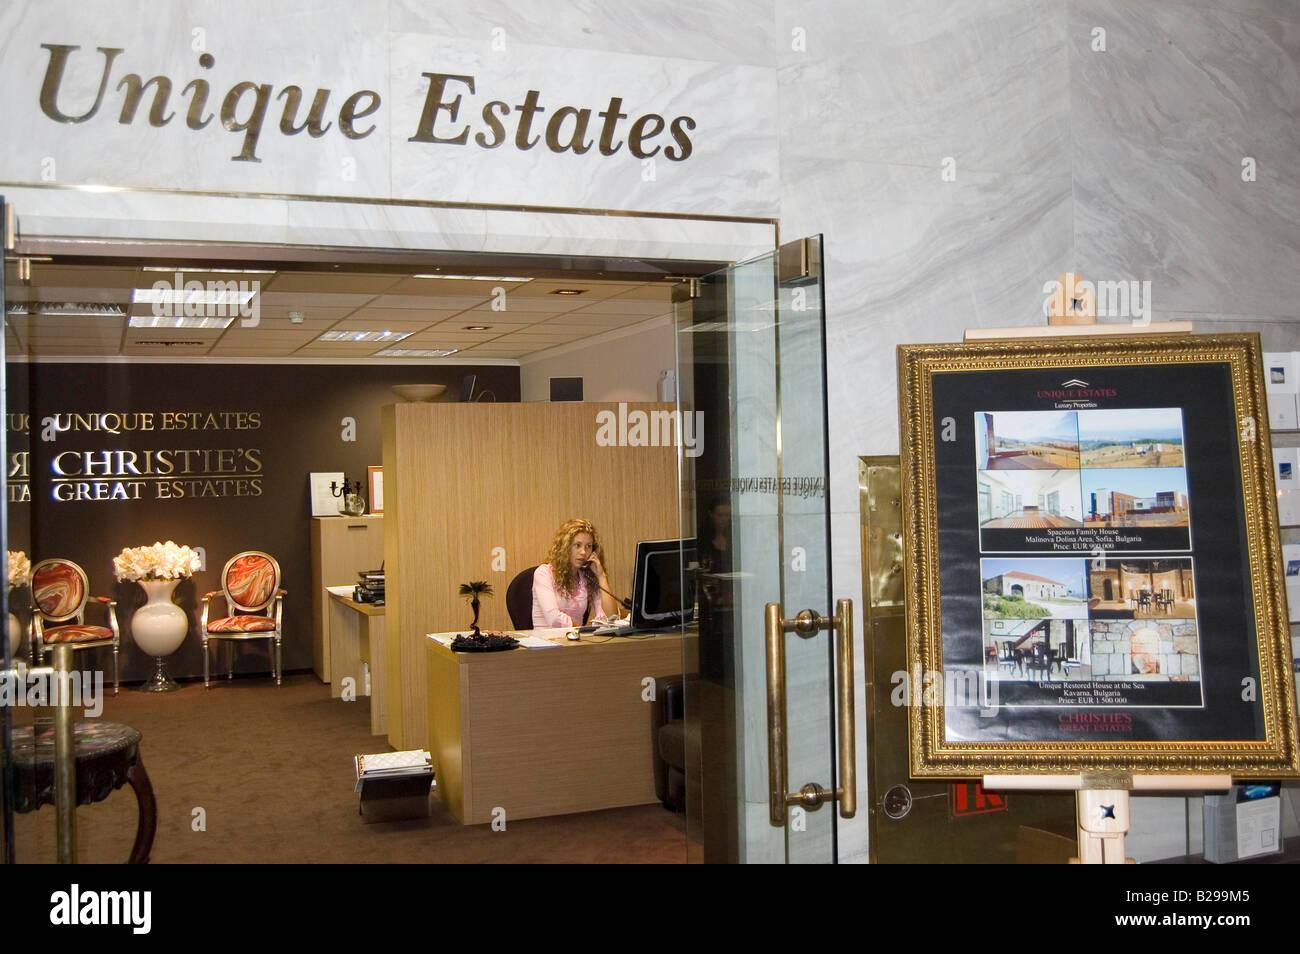 Unique Estates property company in Sofia - Stock Image